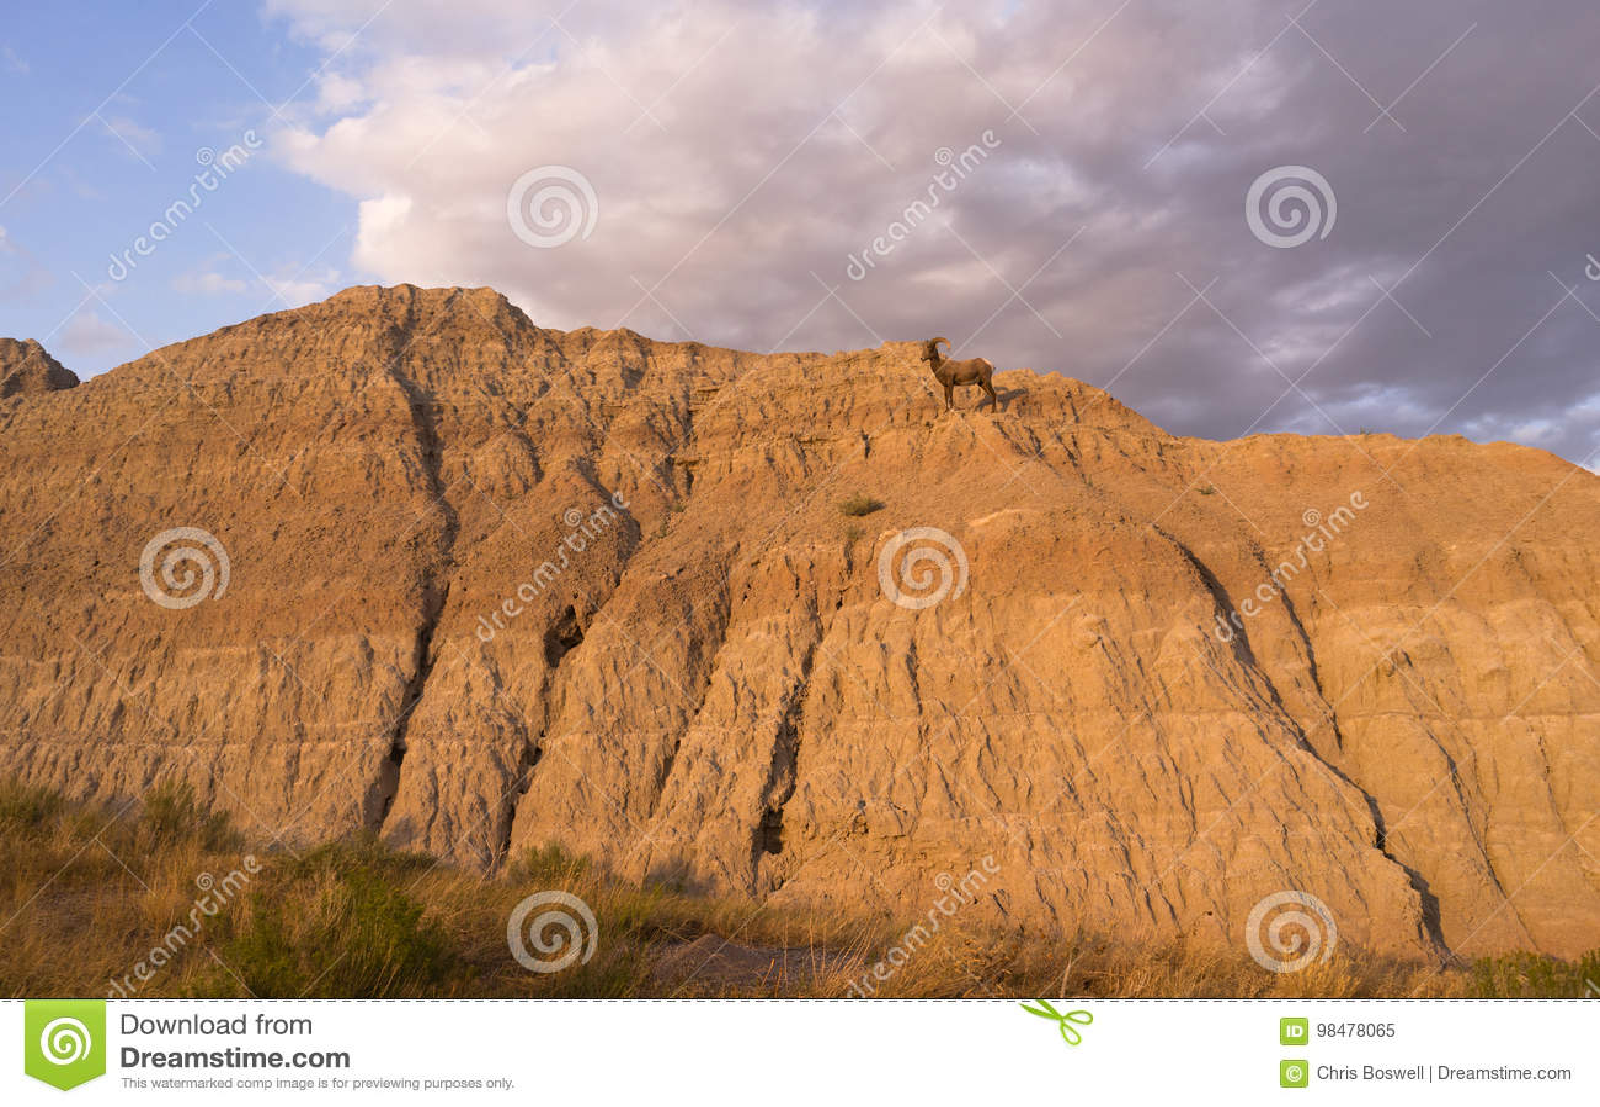 野生动物高沙漠大角野绵羊男性Ram荒地达可它